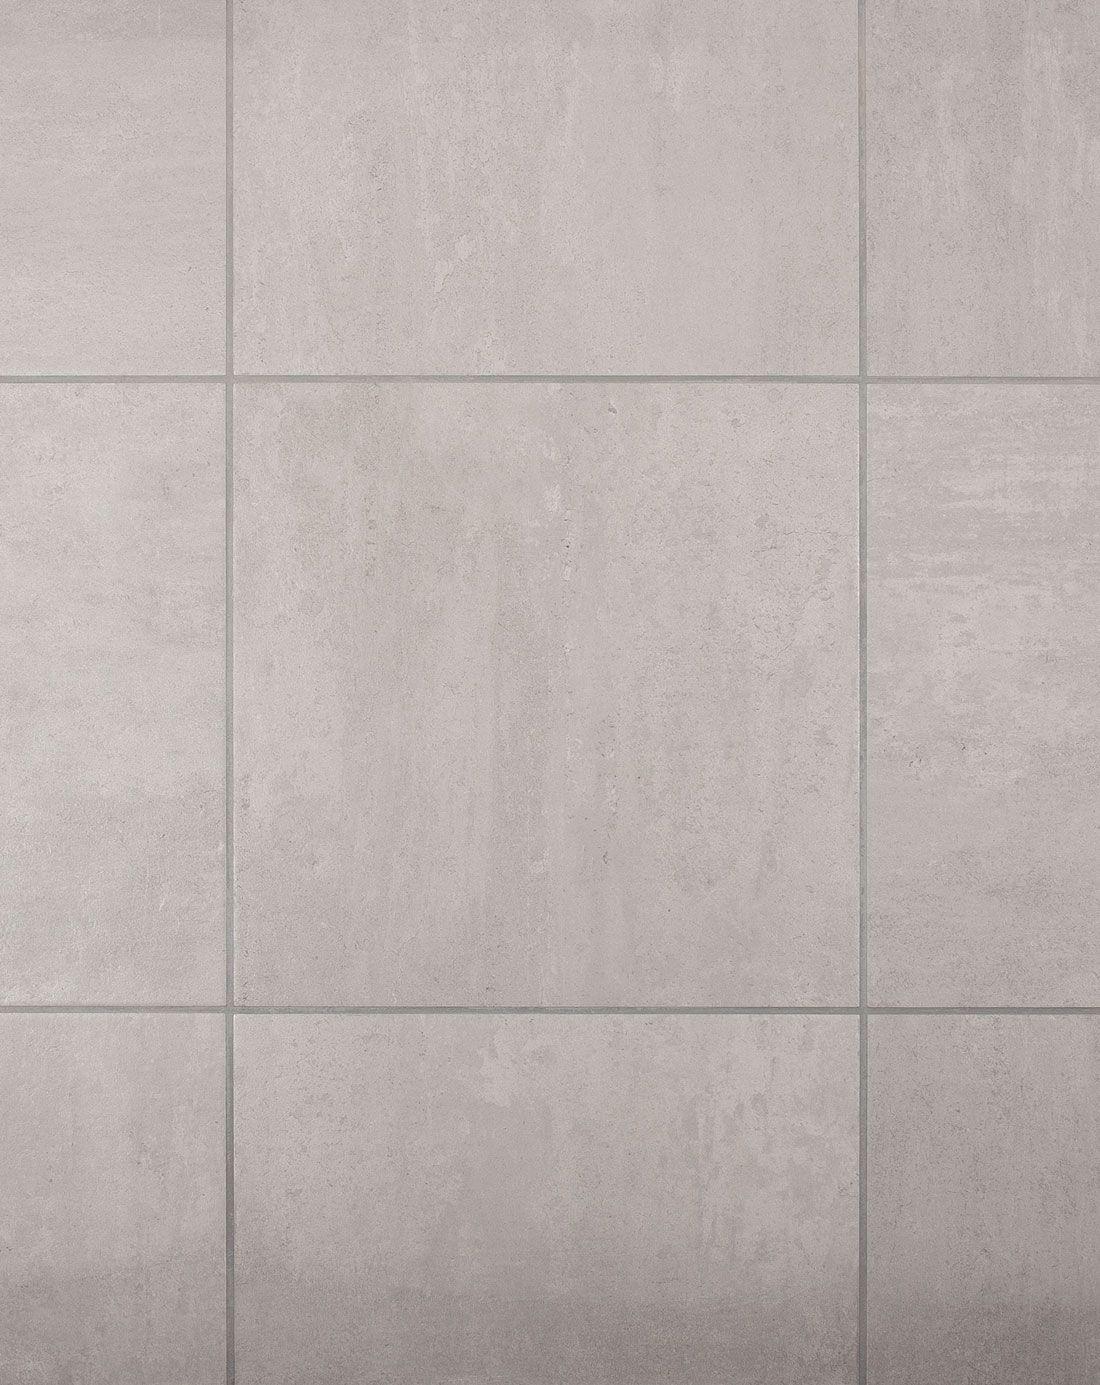 Grigio Concept Kitchen Floor Tiles Kitchen Wall And Floor Tiles